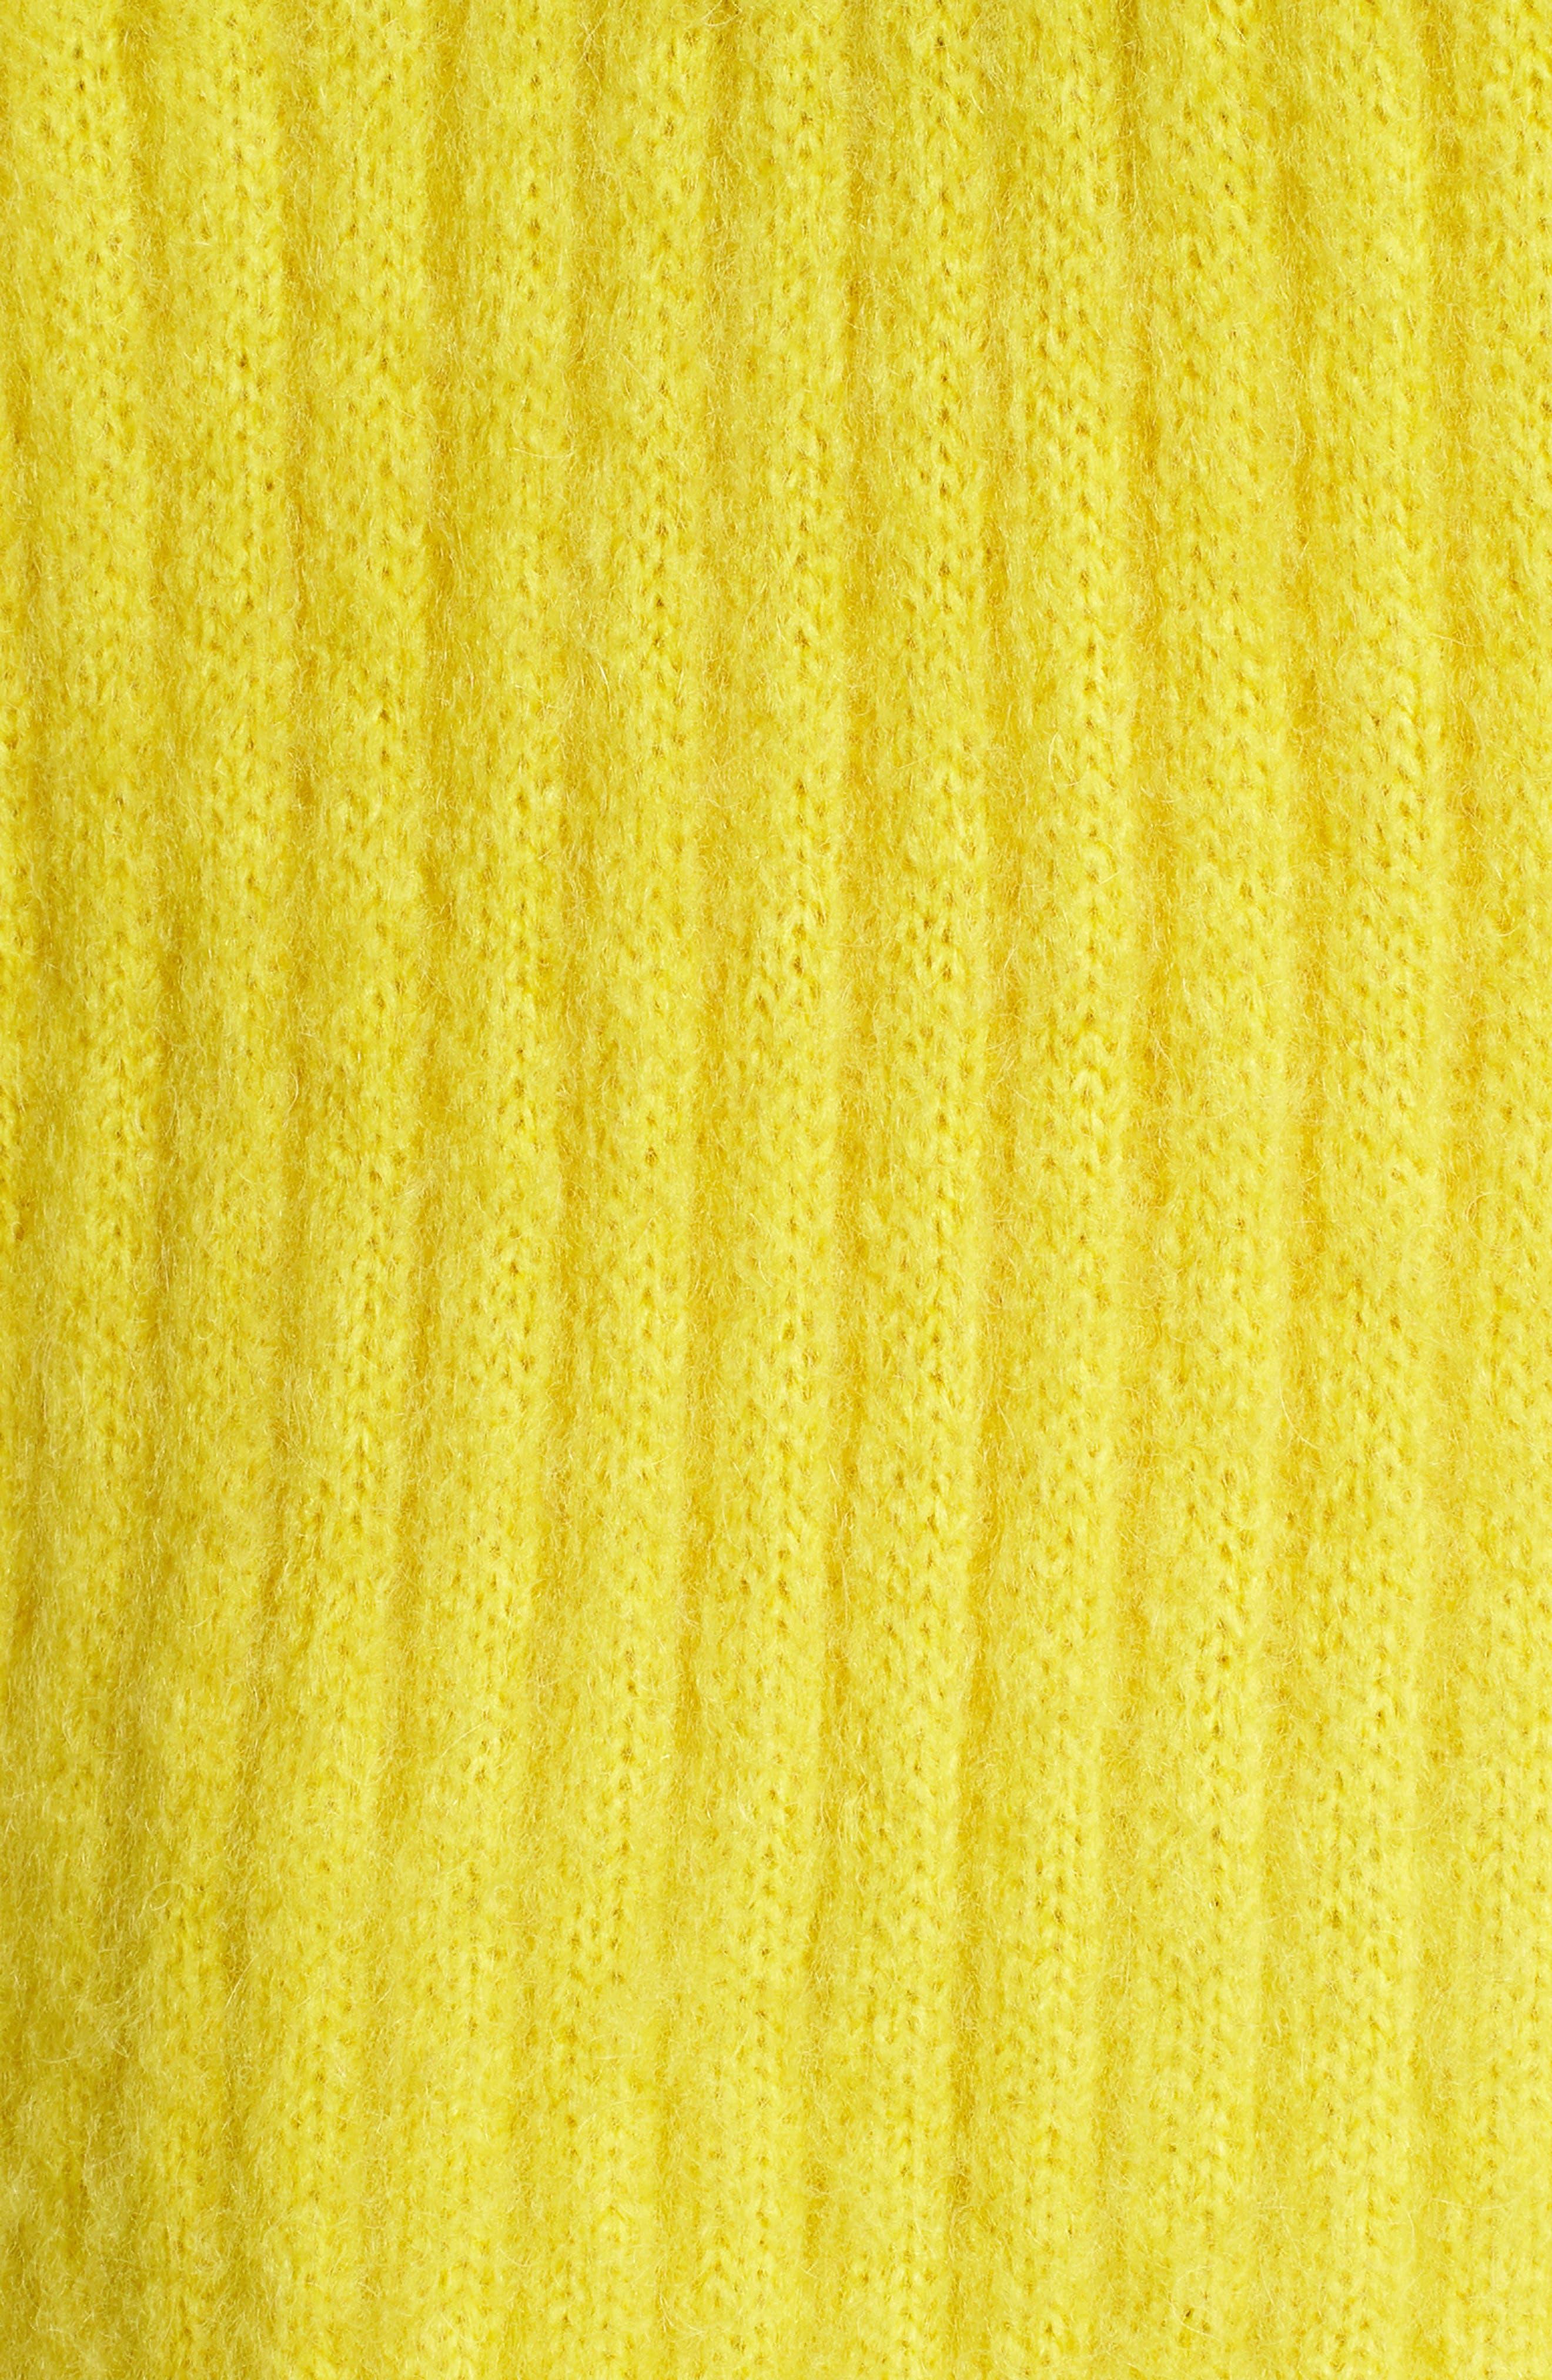 V-Neck Rib Sweater,                             Alternate thumbnail 6, color,                             700